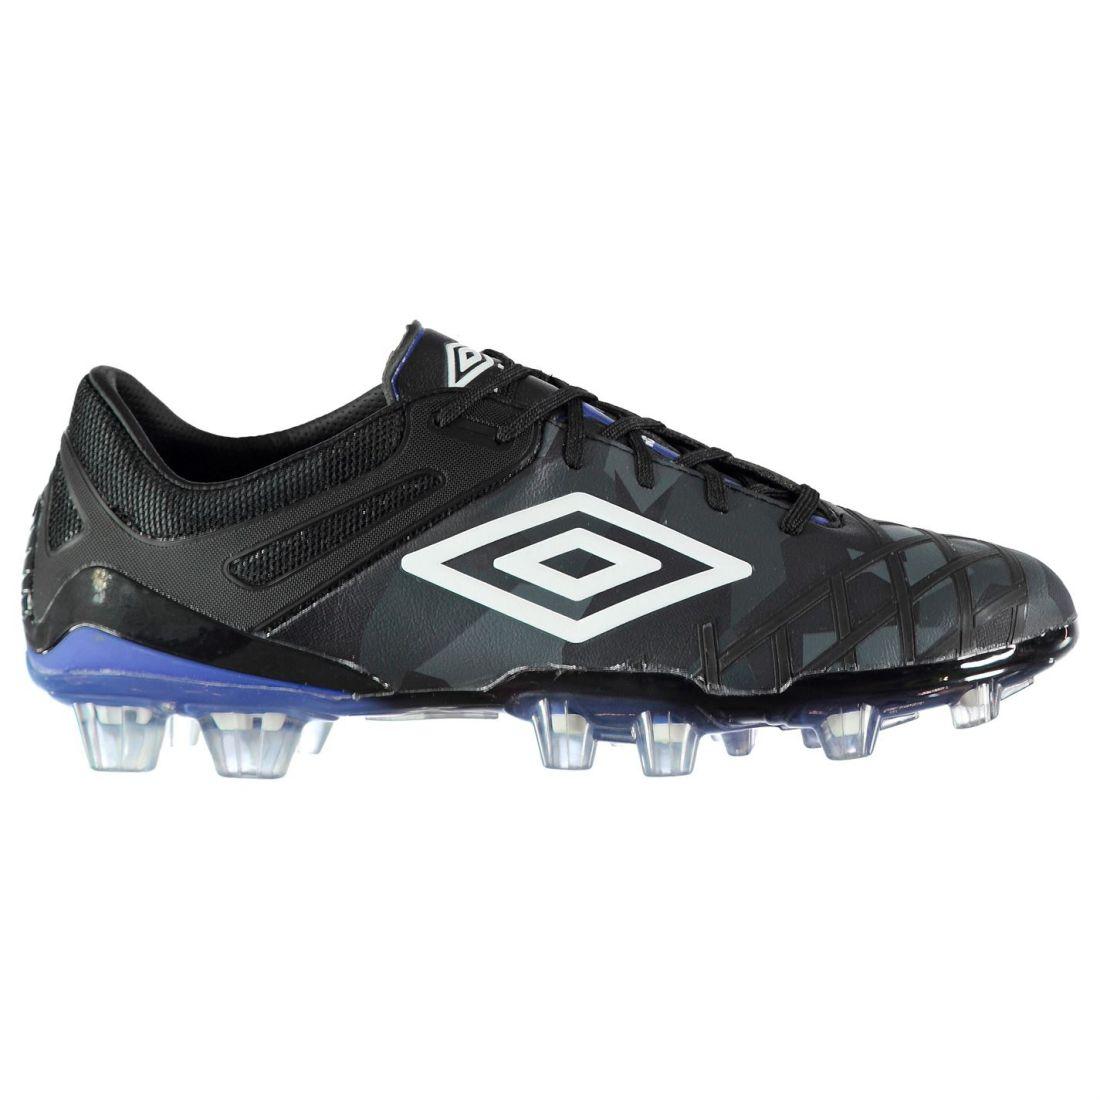 5f7d11a9a Umbro Mens Gents UX 2.0 Pro HG Football Boots Shoes Footwear Laces ...